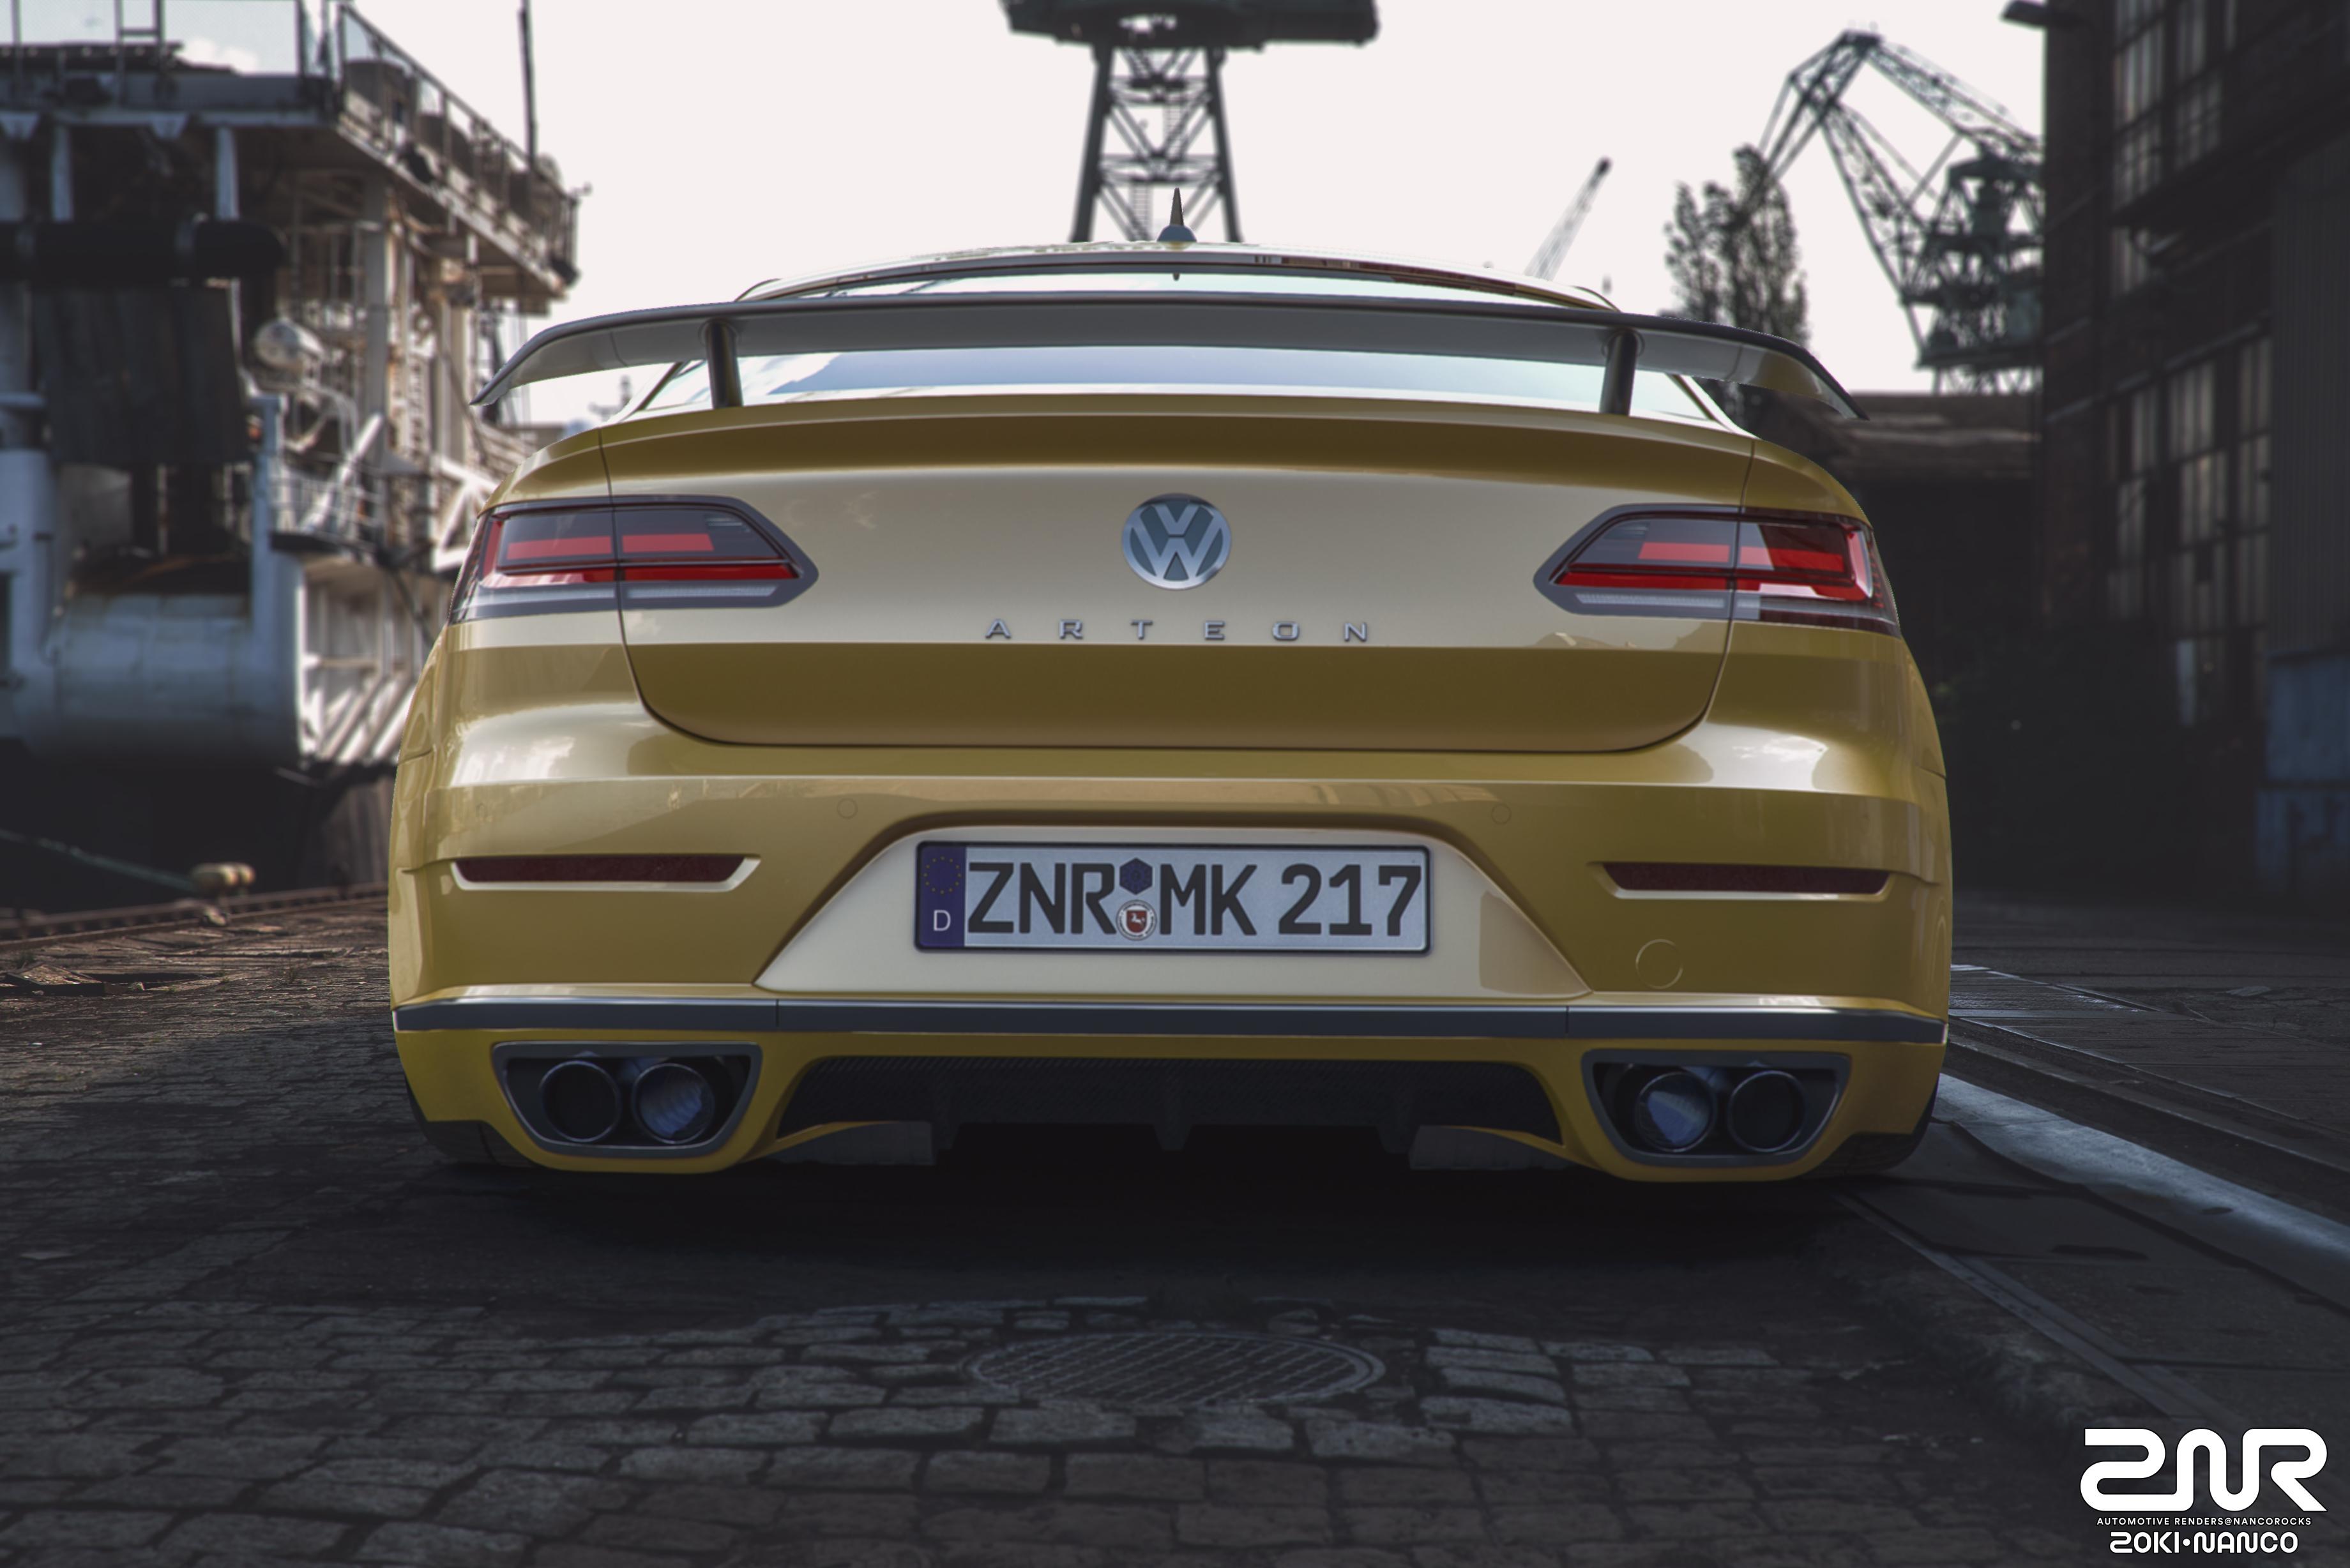 Vw Arteon Stance >> Volkswagen Arteon R-Line - custom - by nancorocks on DeviantArt